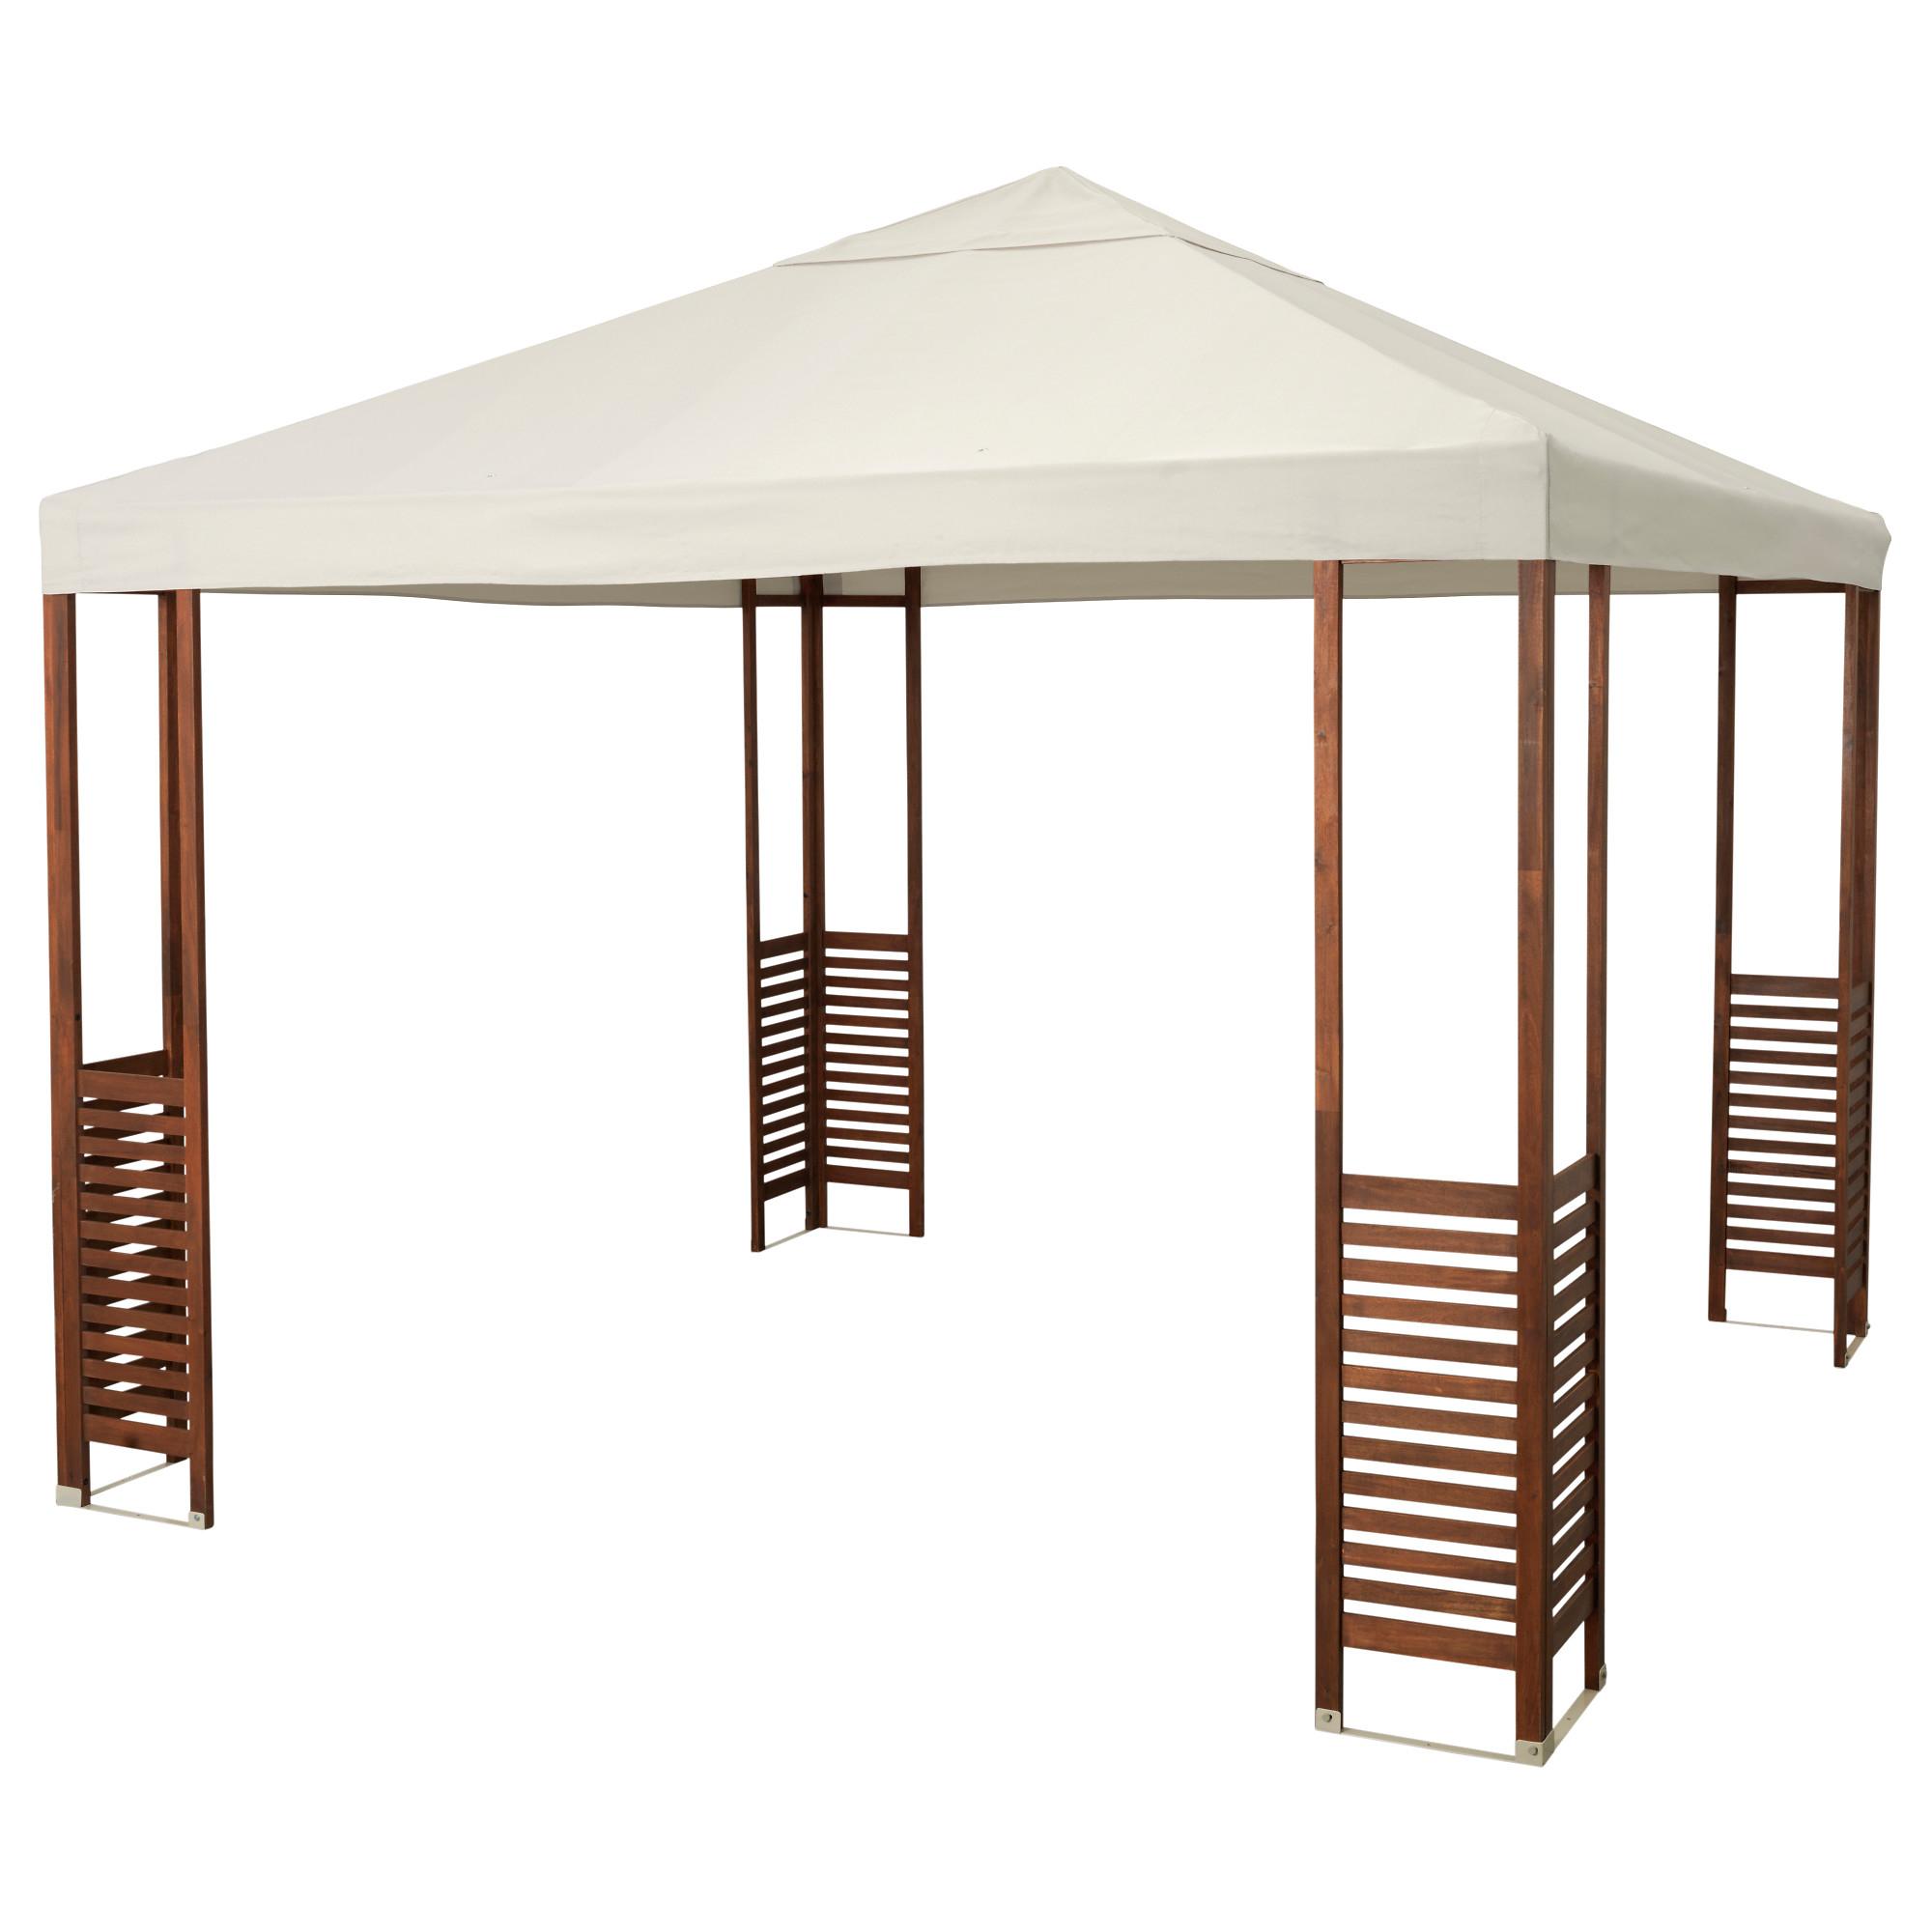 [IKEA Bundesweit] Äpplarö Pavillon für 199 statt 299